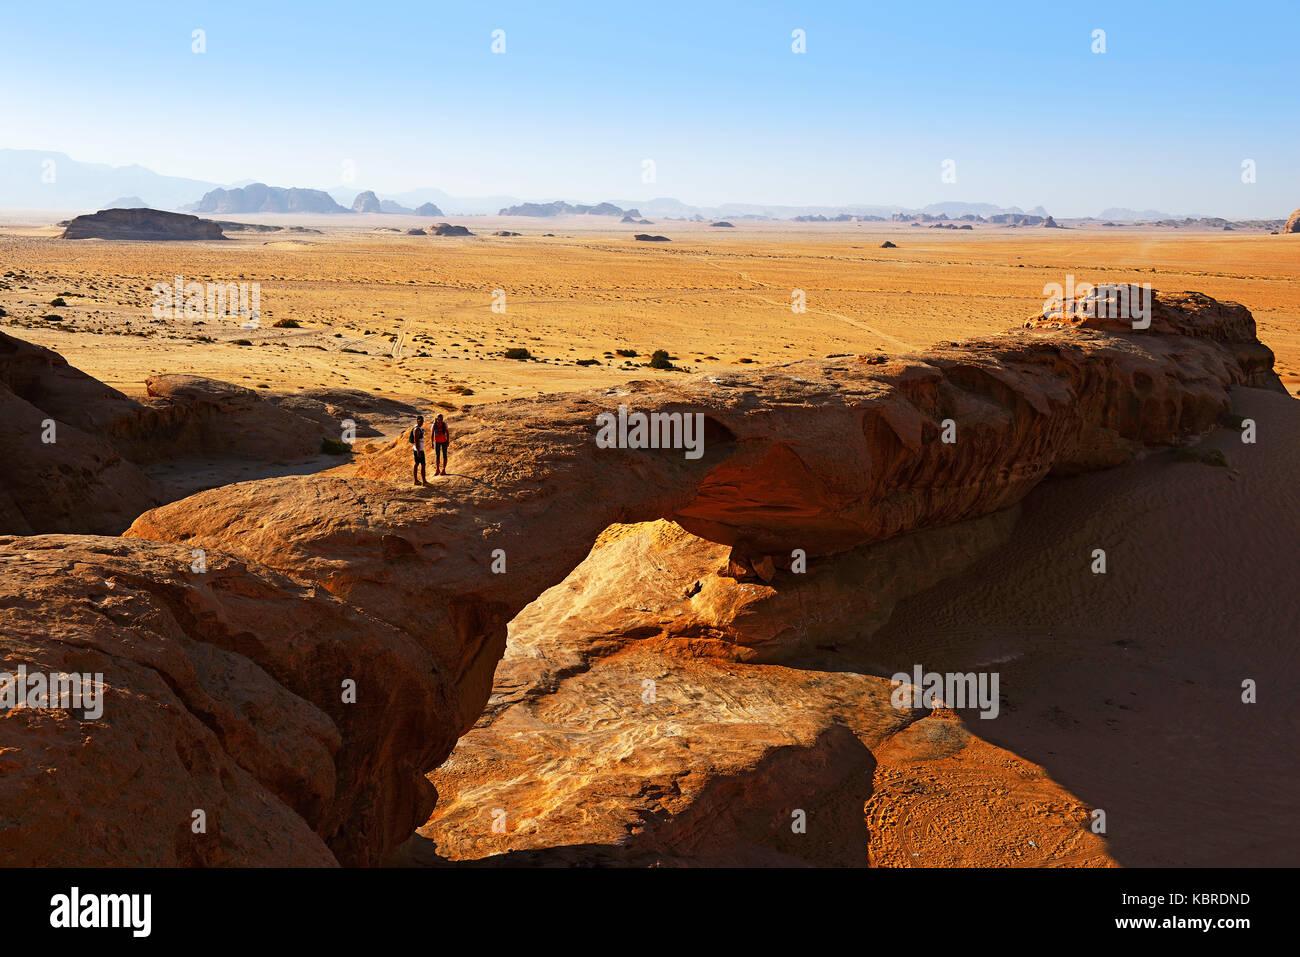 Trail runners at Rock-Arch Al Kharza, Wadi Rum, Jordan - Stock Image